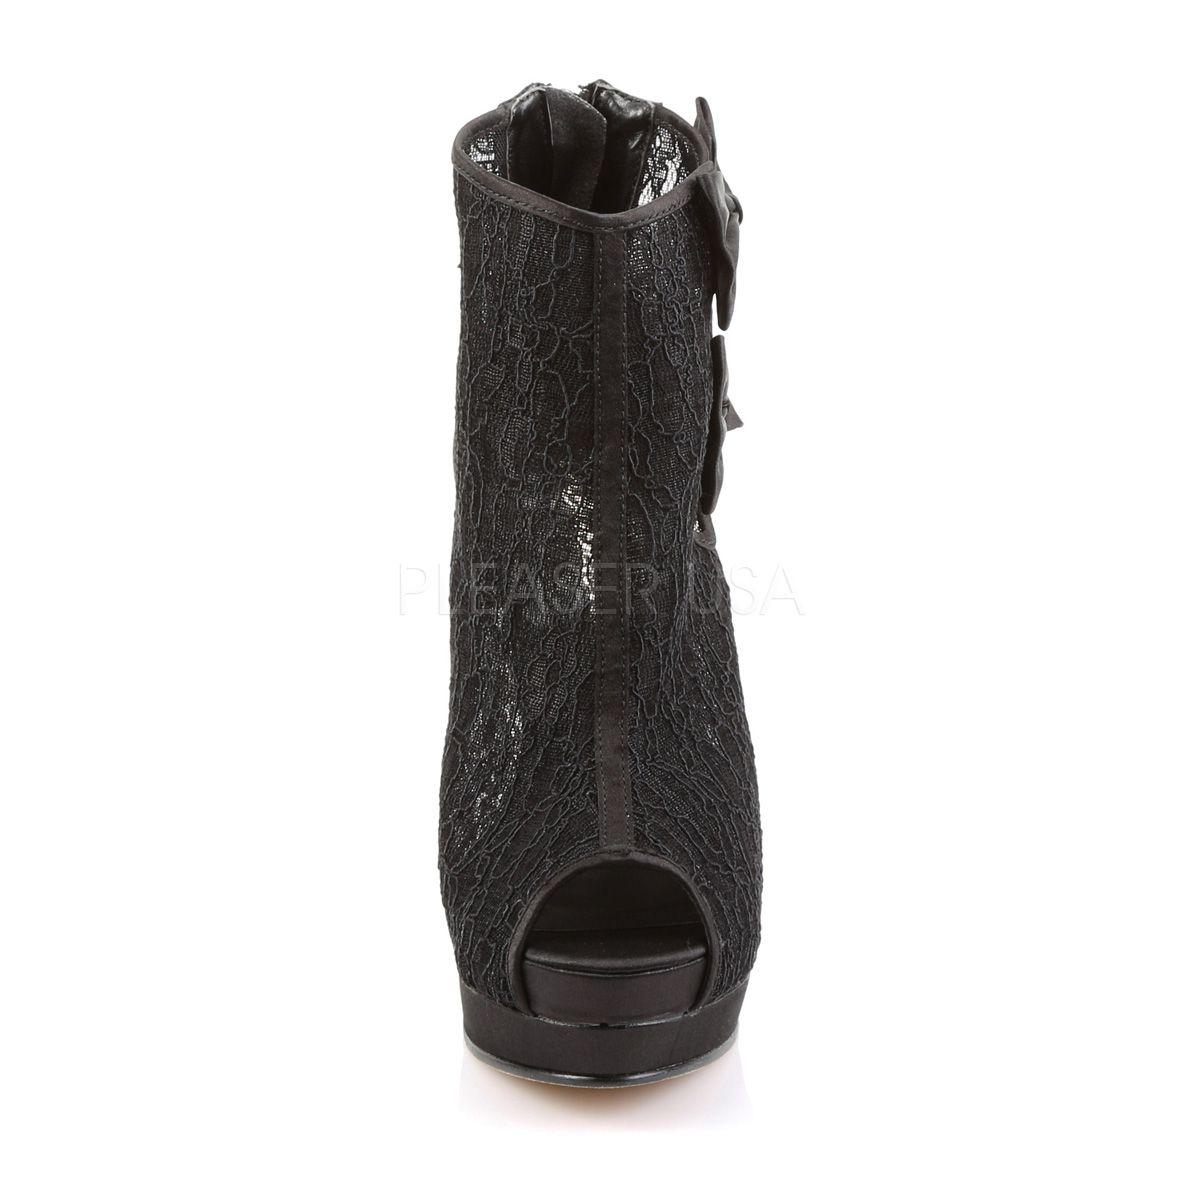 Elegante botines de plataforma con encaje y lazo coqueto